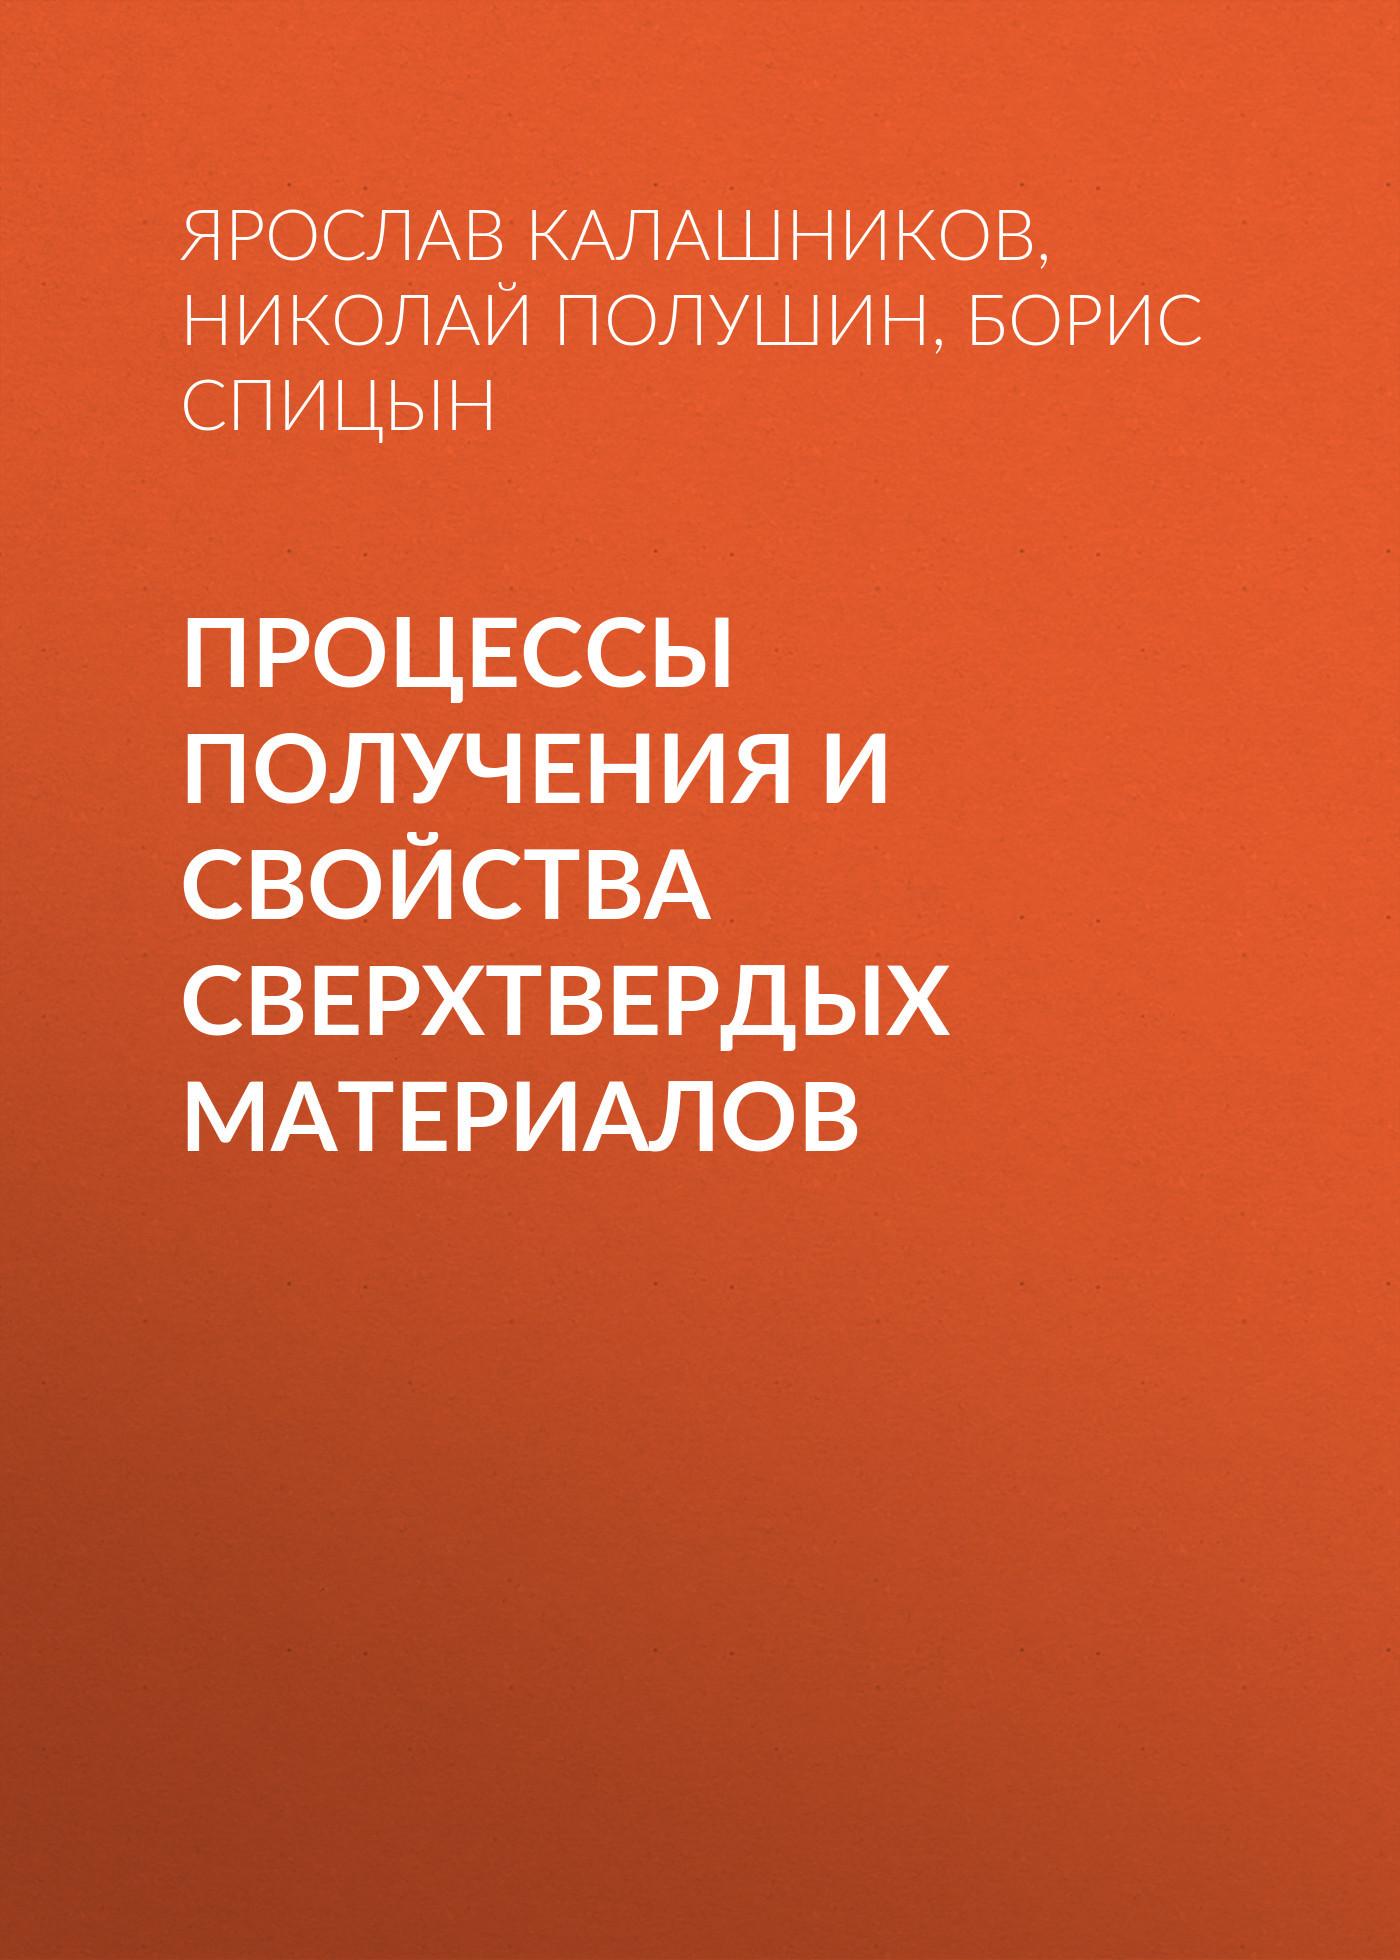 Николай Полушин бесплатно